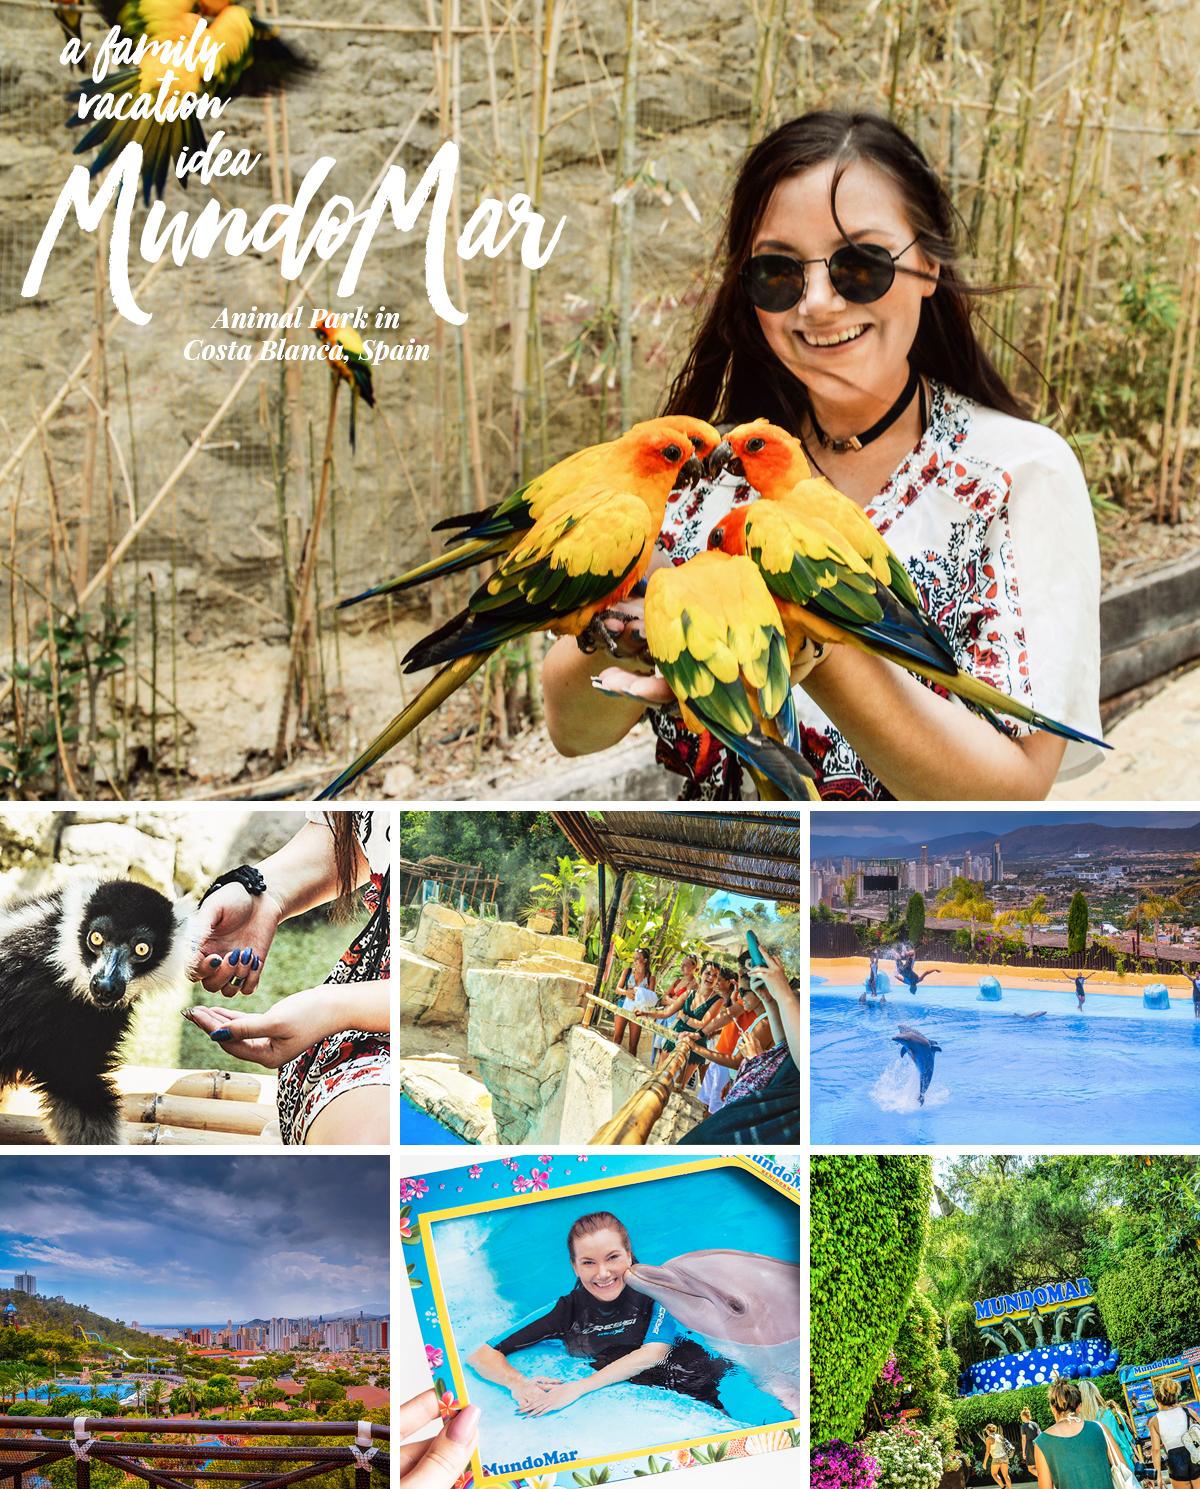 Mundomar Animal Park: Närkontakt med exotiska djur i Costa Blanca